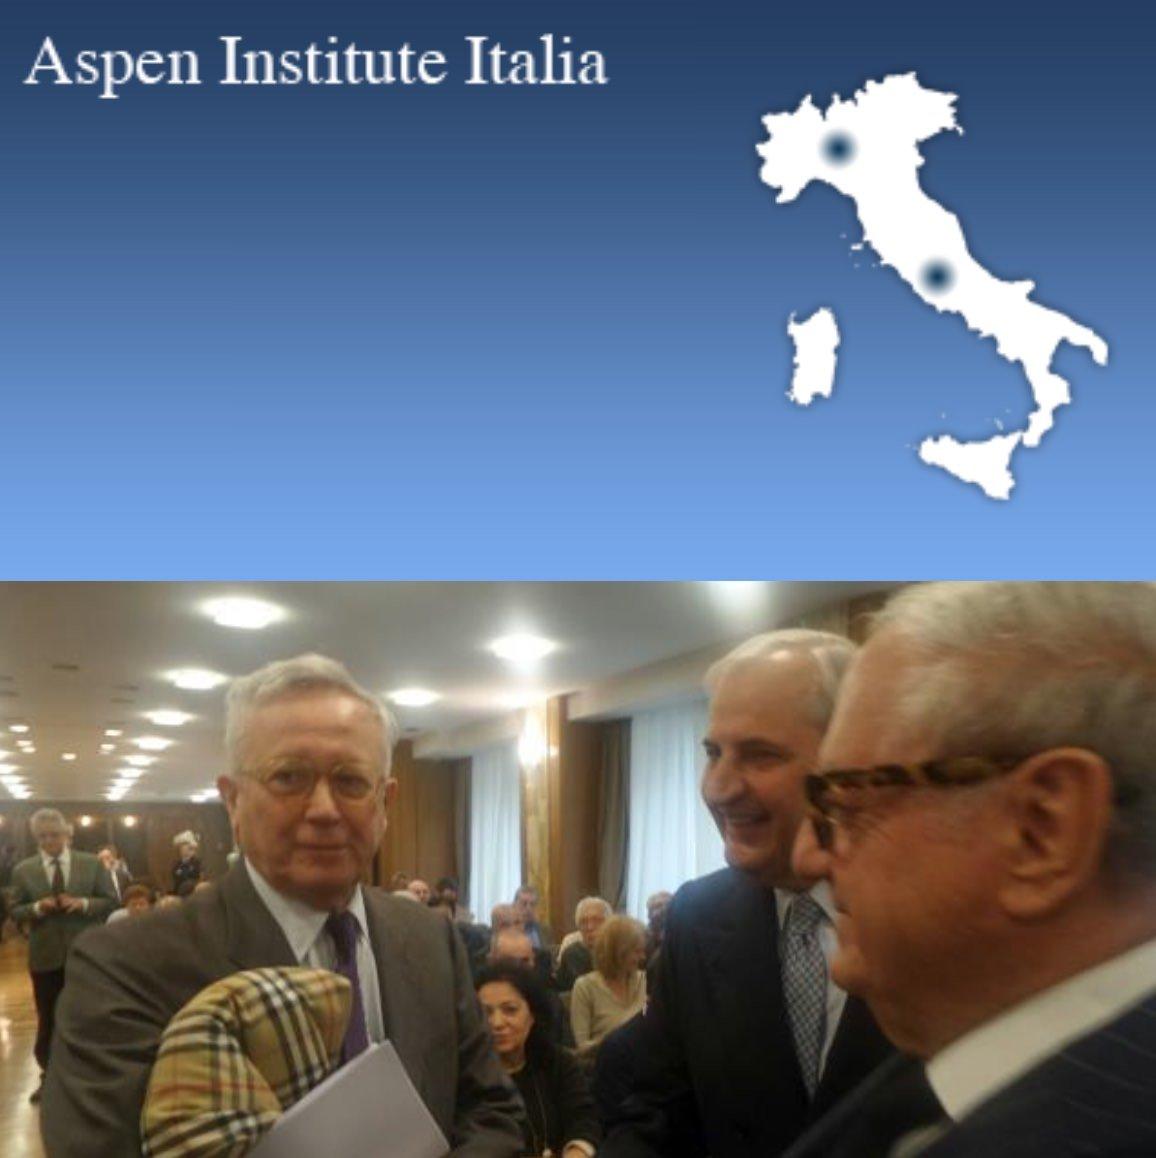 Aspenia Talks: Il futuro della salute tra tecnologia e sostenibilità dei sistemi di welfare